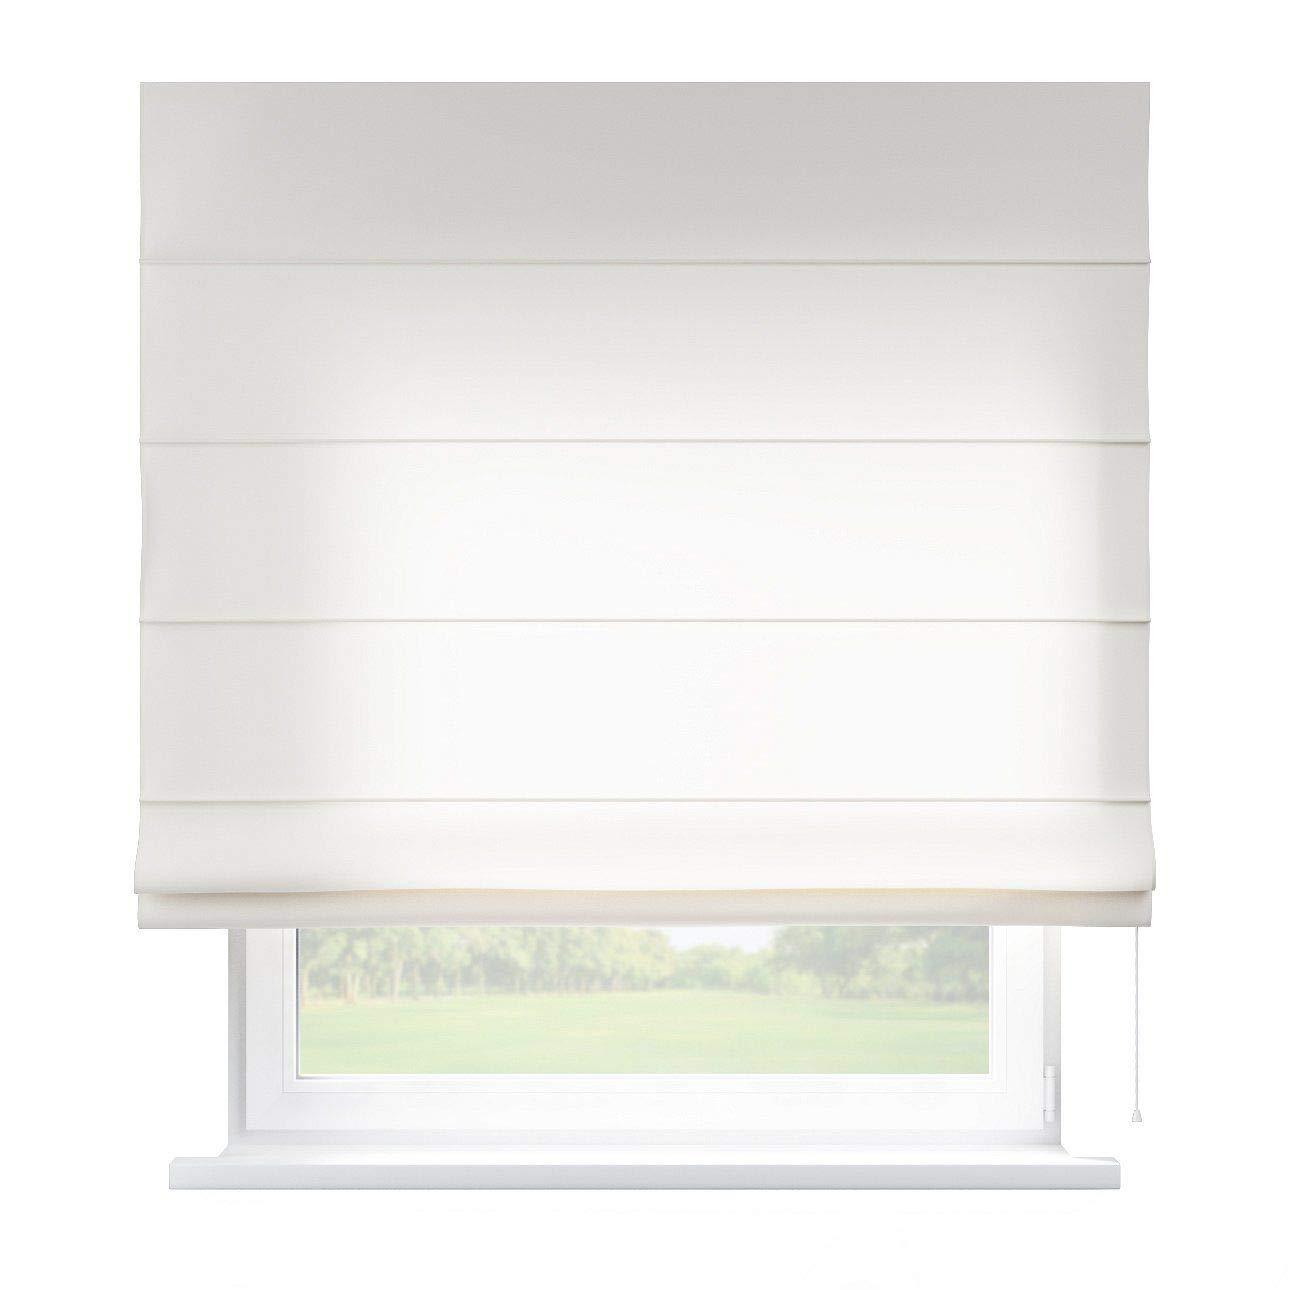 Dekoria Raffrollo Capri ohne Bohren Blickdicht Faltvorhang Raffgardine Wohnzimmer Schlafzimmer Kinderzimmer 100 × 170 cm weiß/Ecru Raffrollos auf Maß maßanfertigung möglich